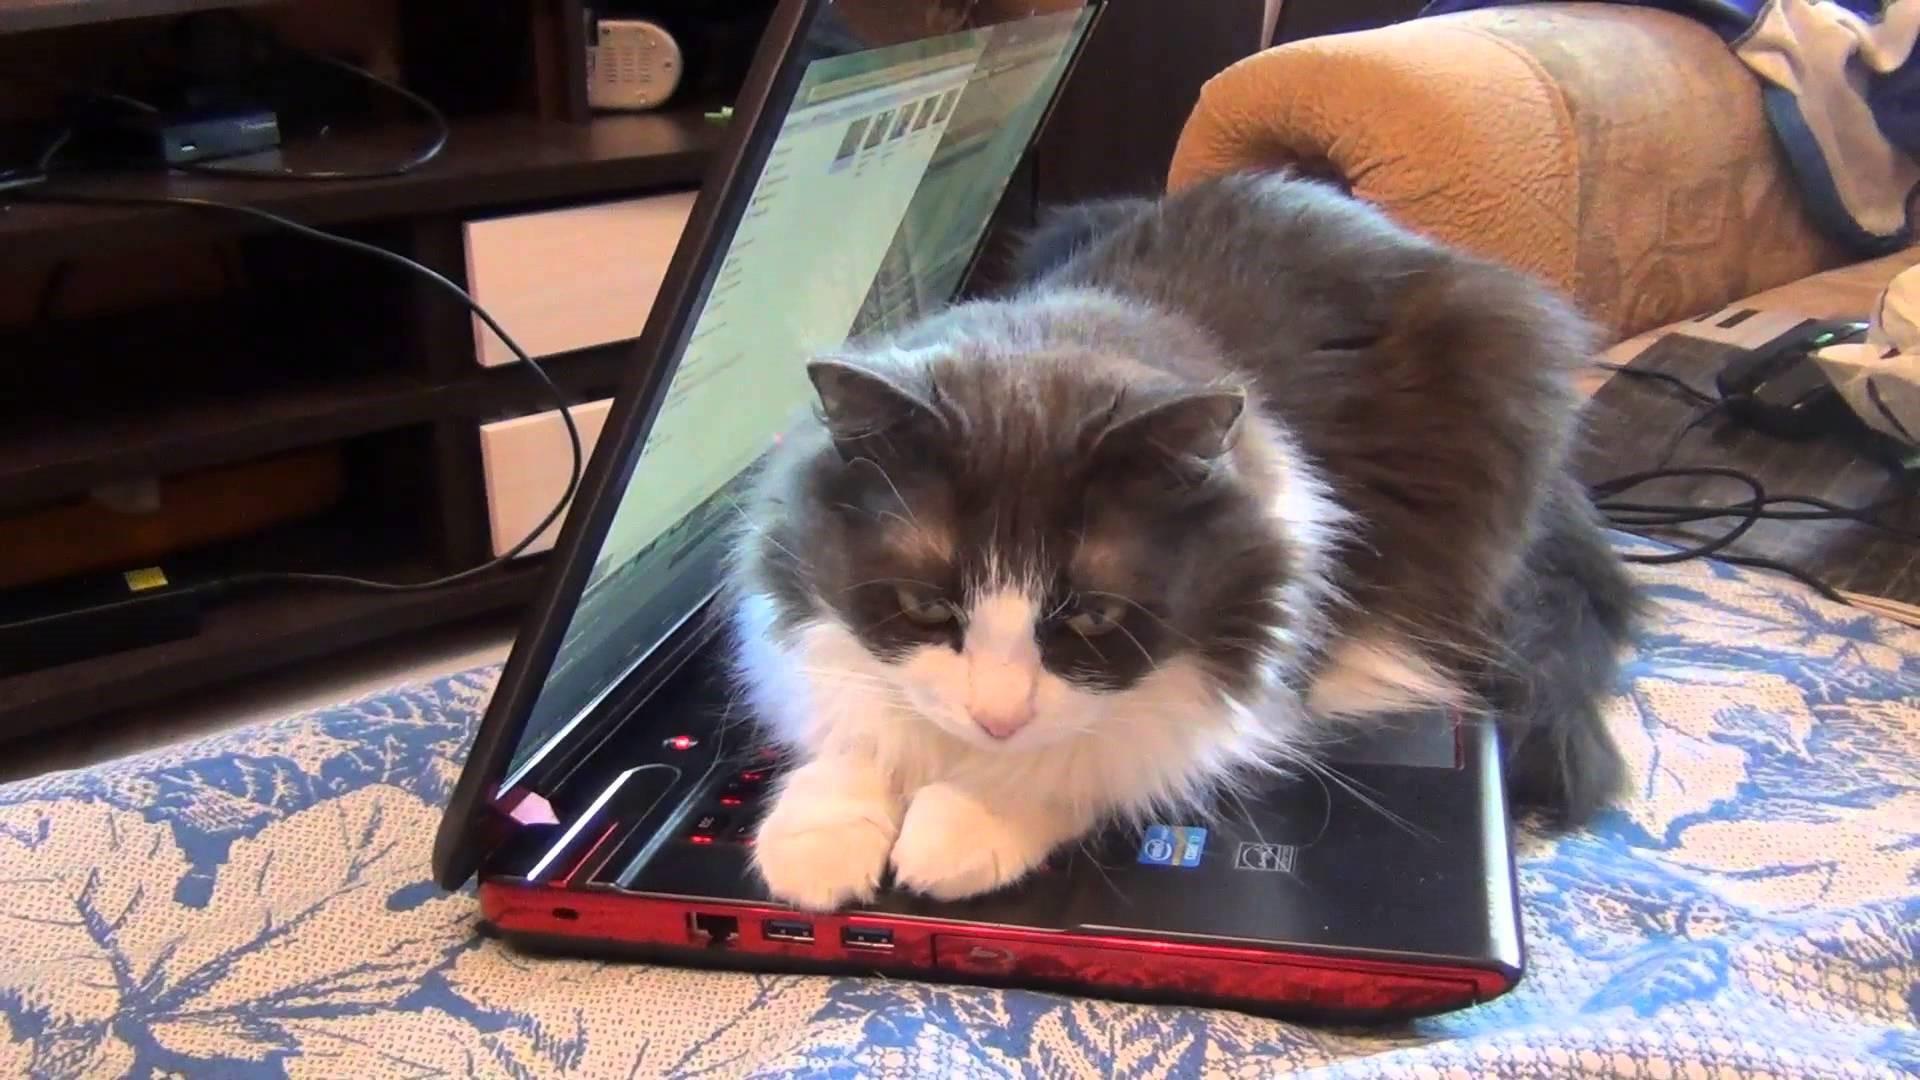 Рис. 3. При наличии в доме животных чистить ноутбук приходится чаще.